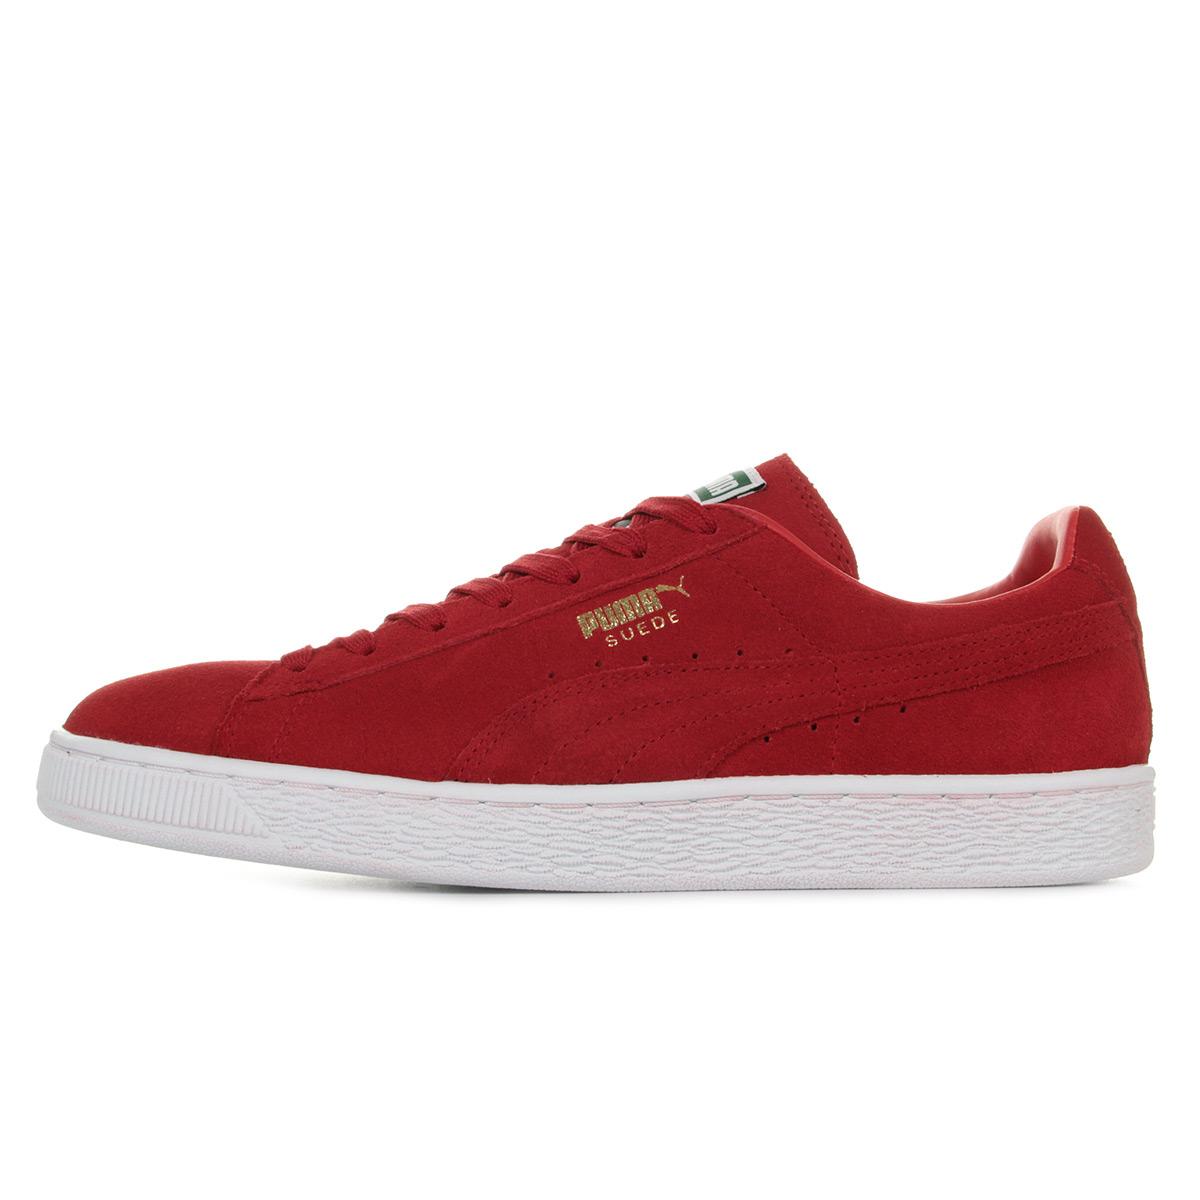 Puma Suede Classic + 35656863, Baskets mode